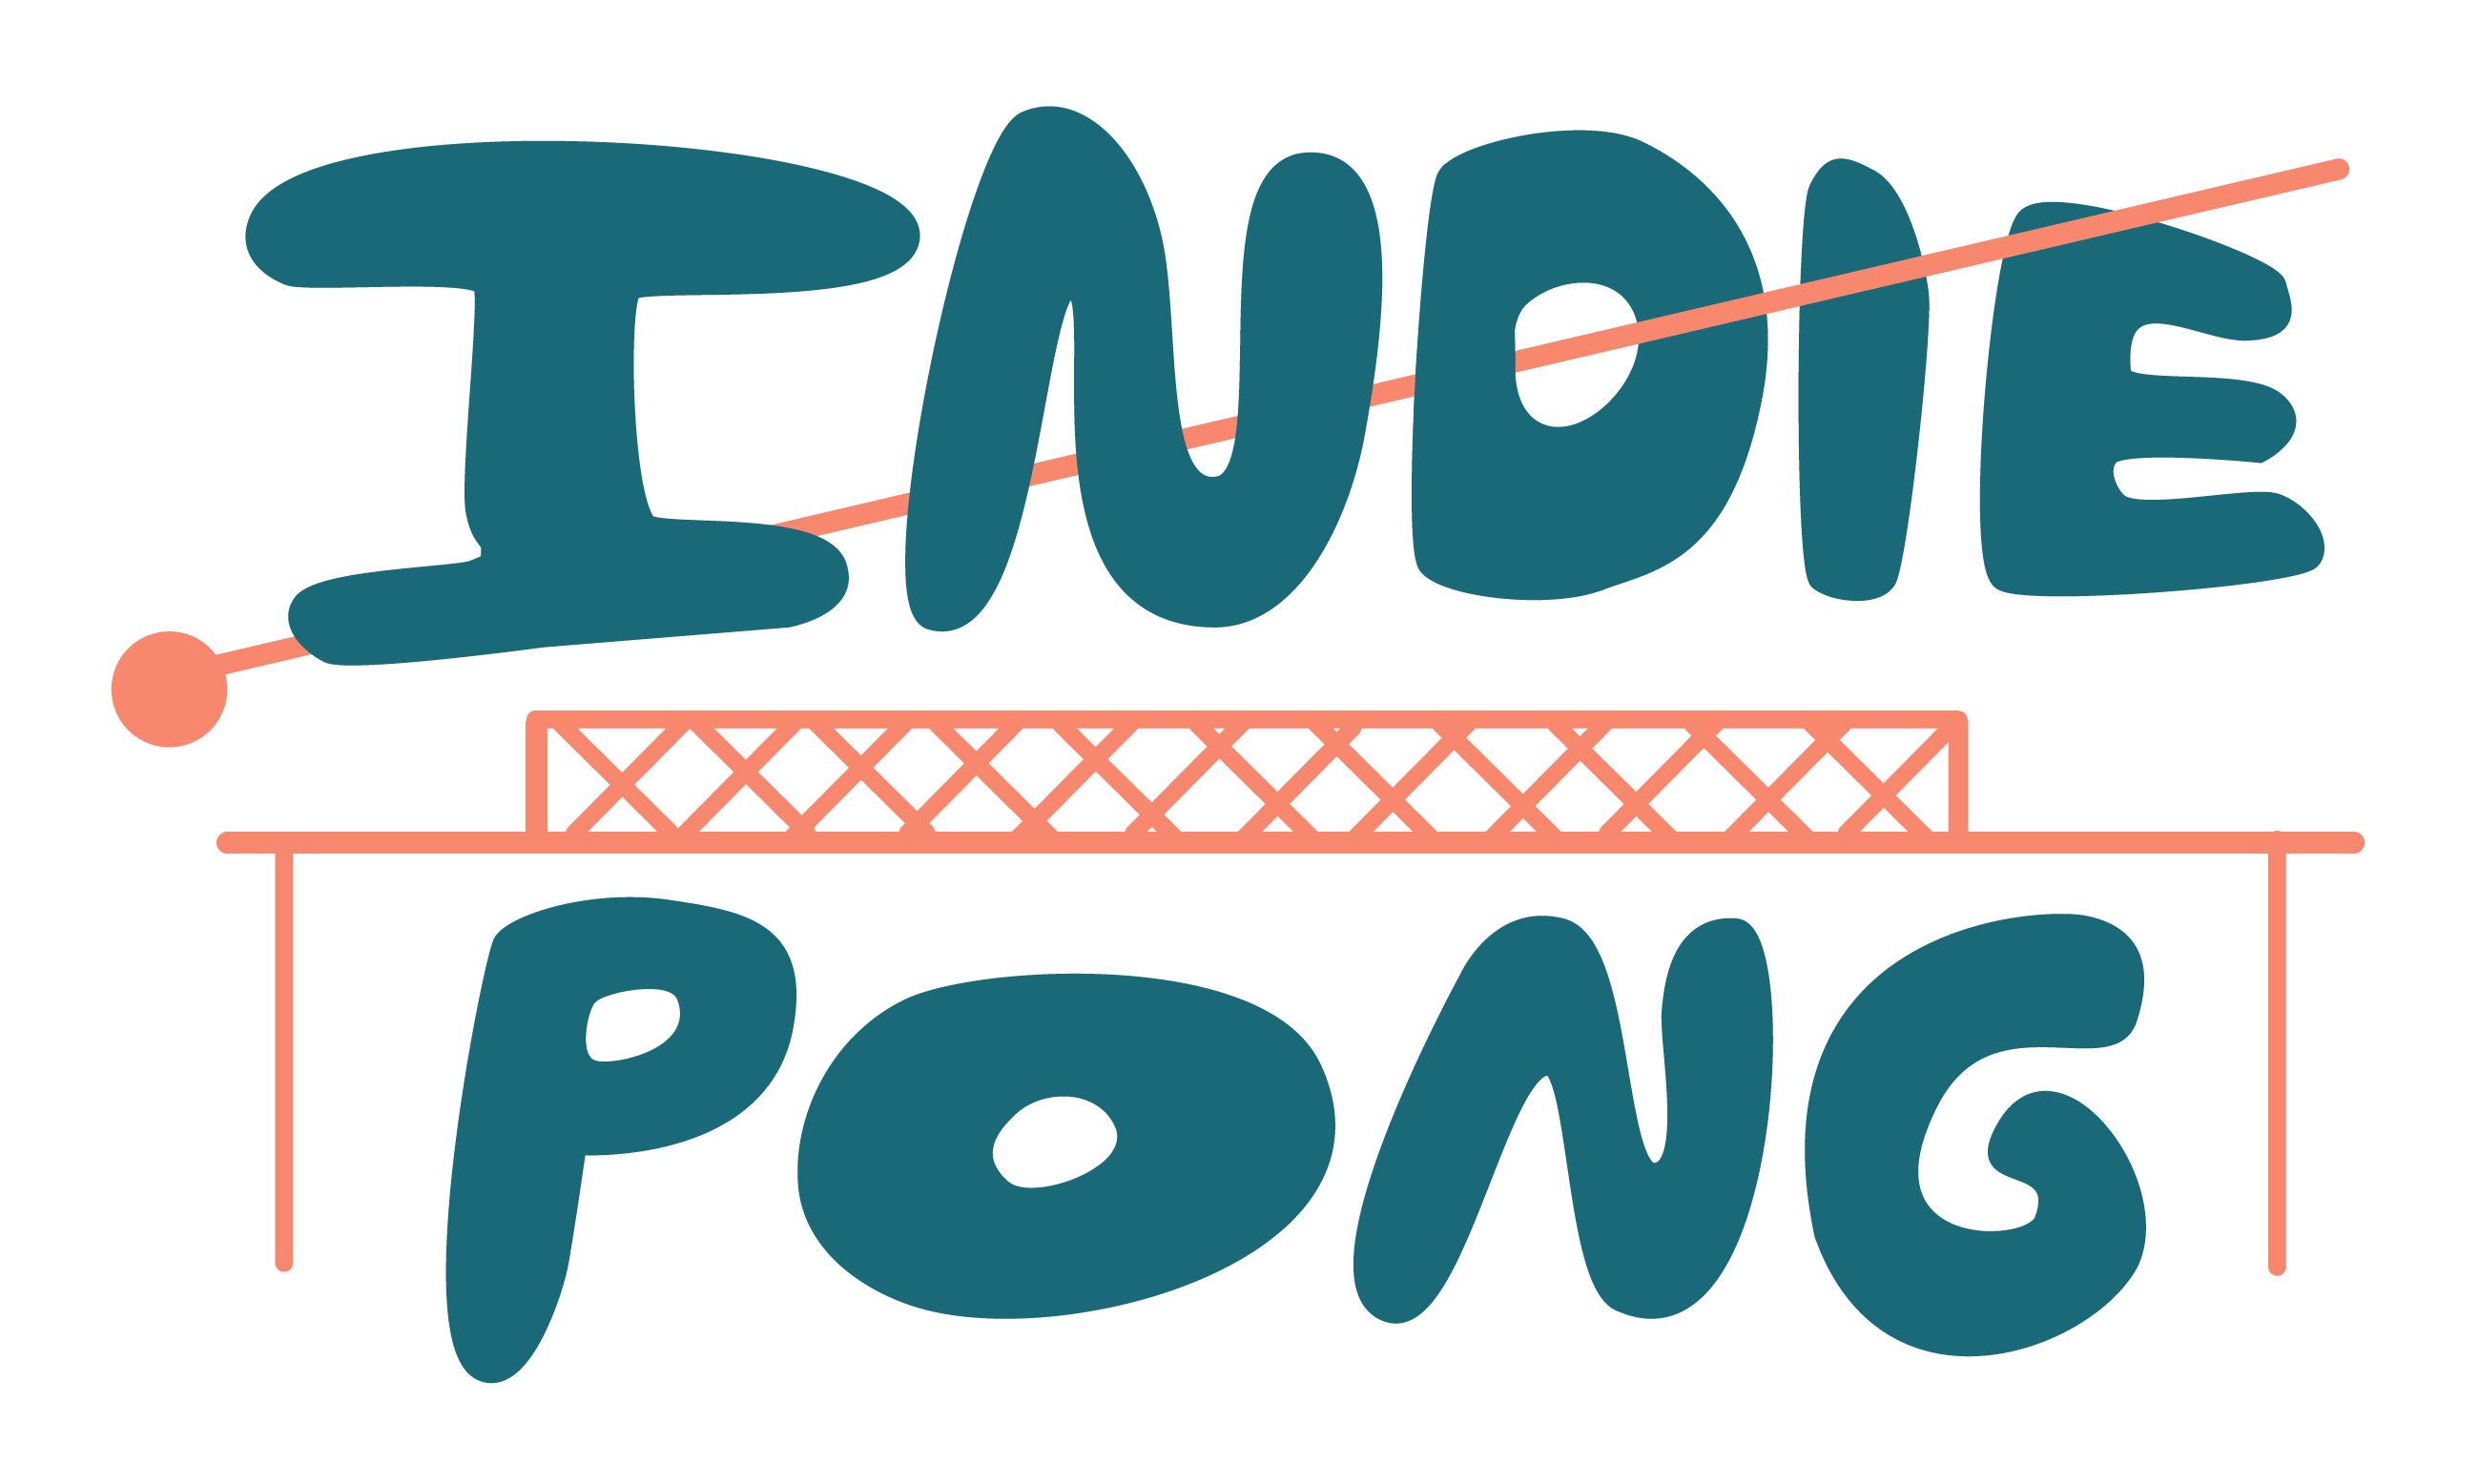 Indie Pong